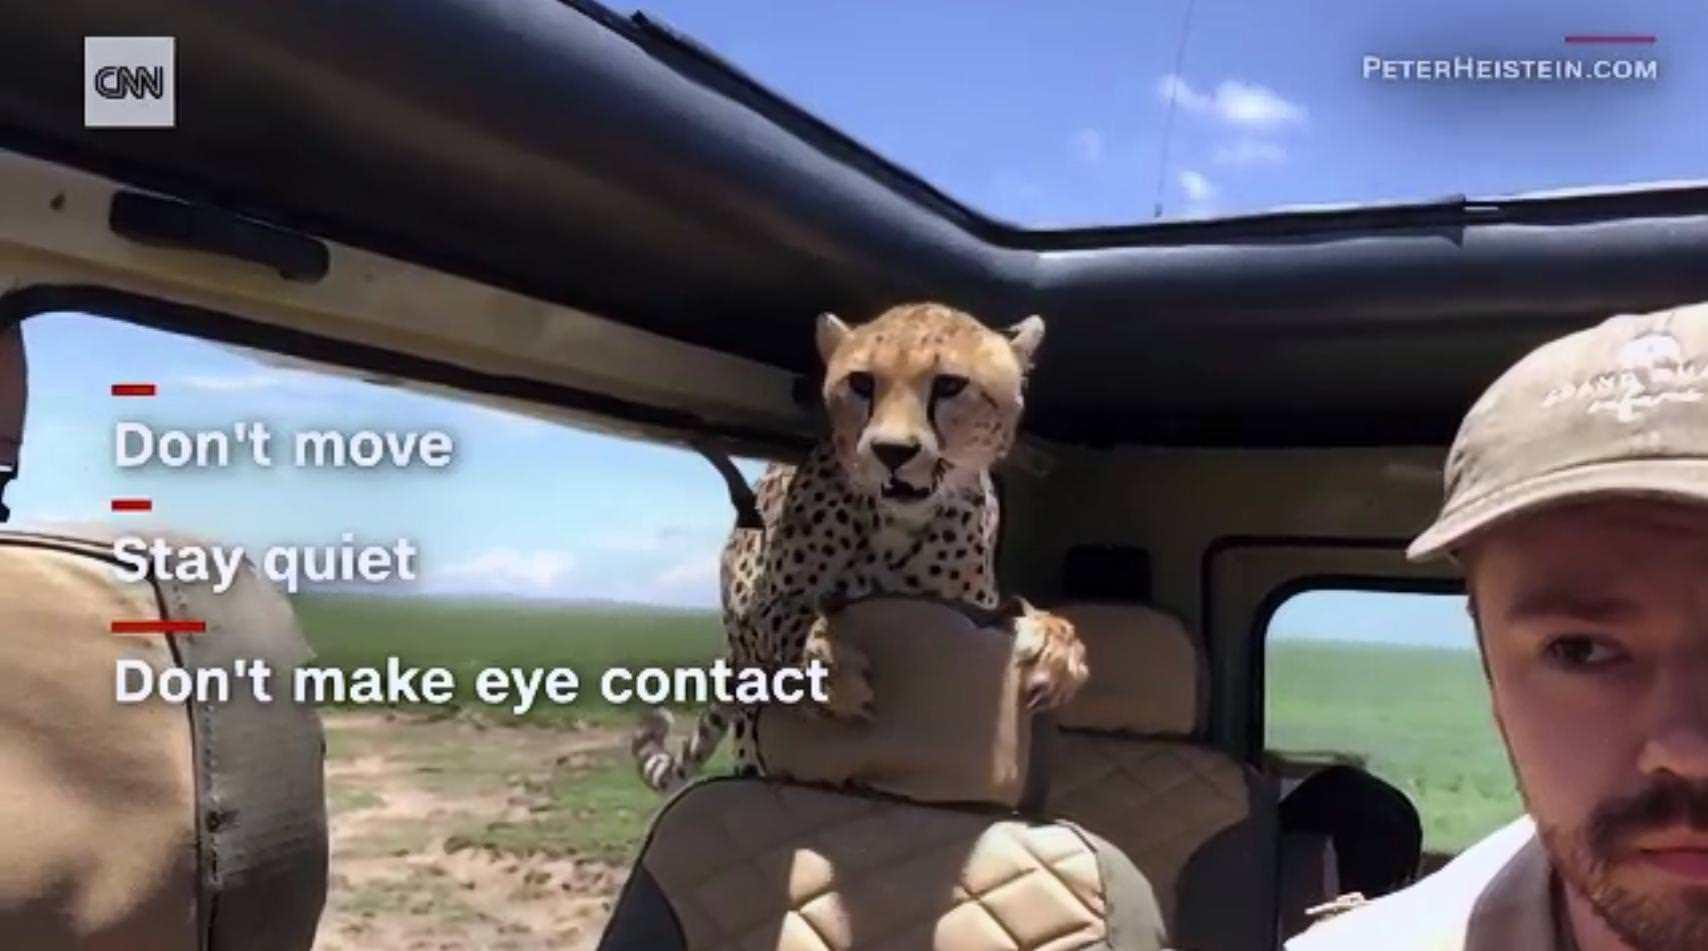 【動画あり】サファリ旅行中、チーターが車内に進入…旅行客固まる